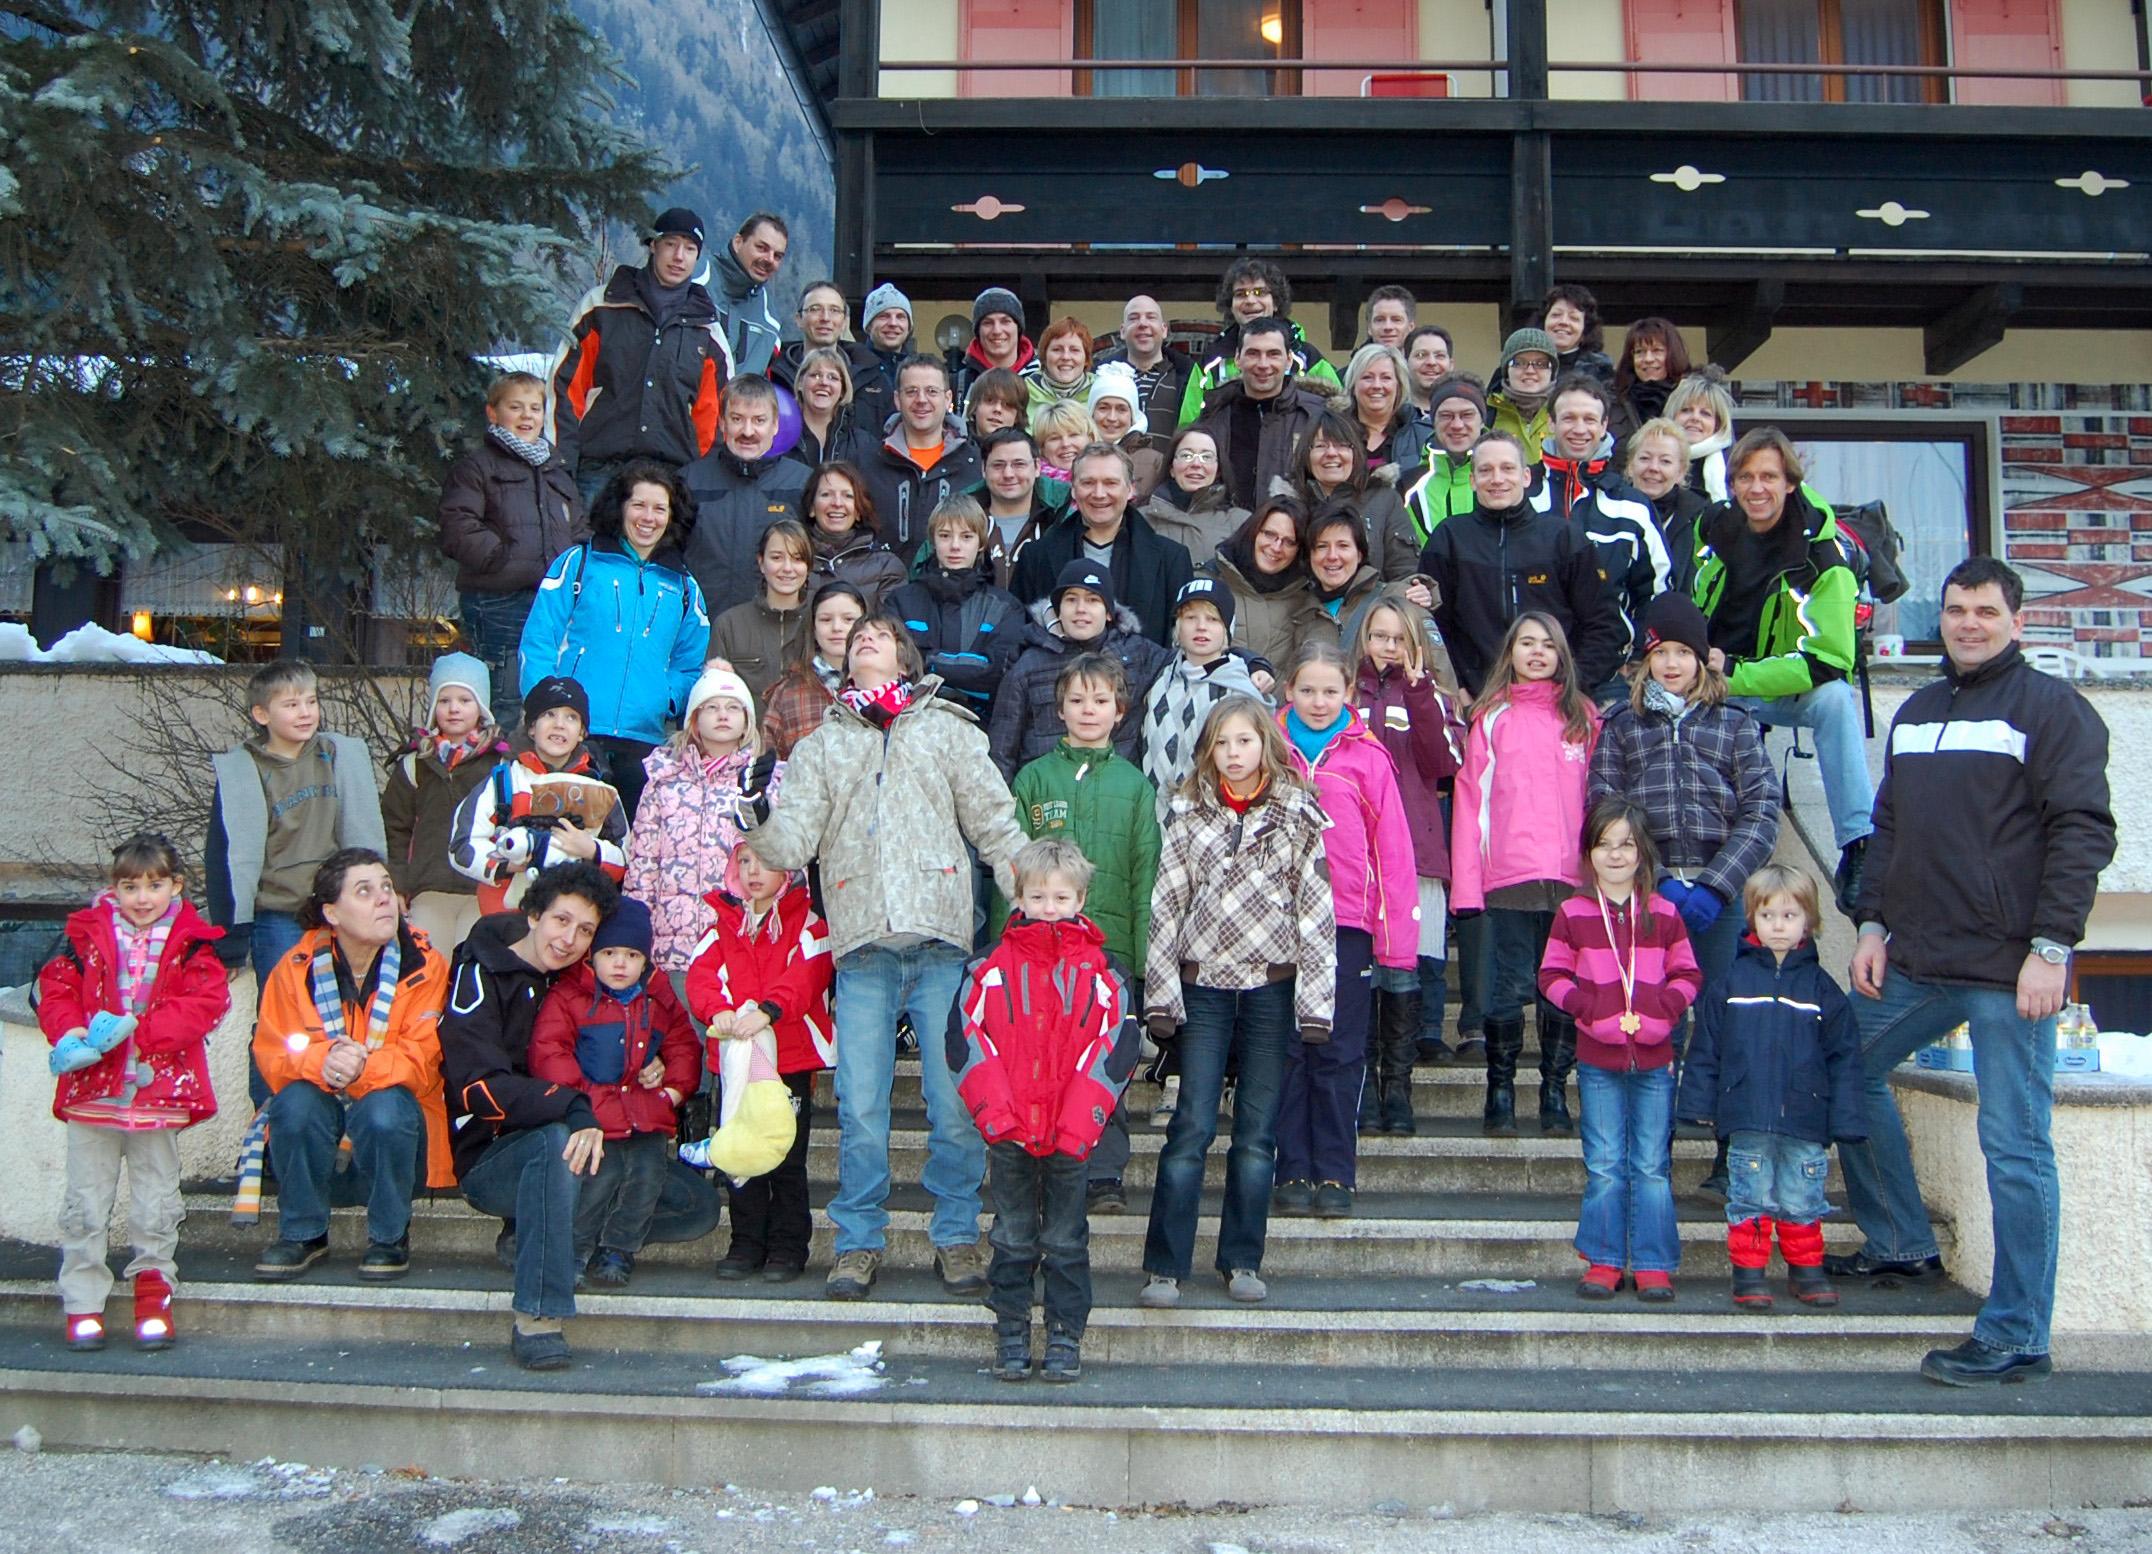 Gruppenbild Familienskifreizeit 2009